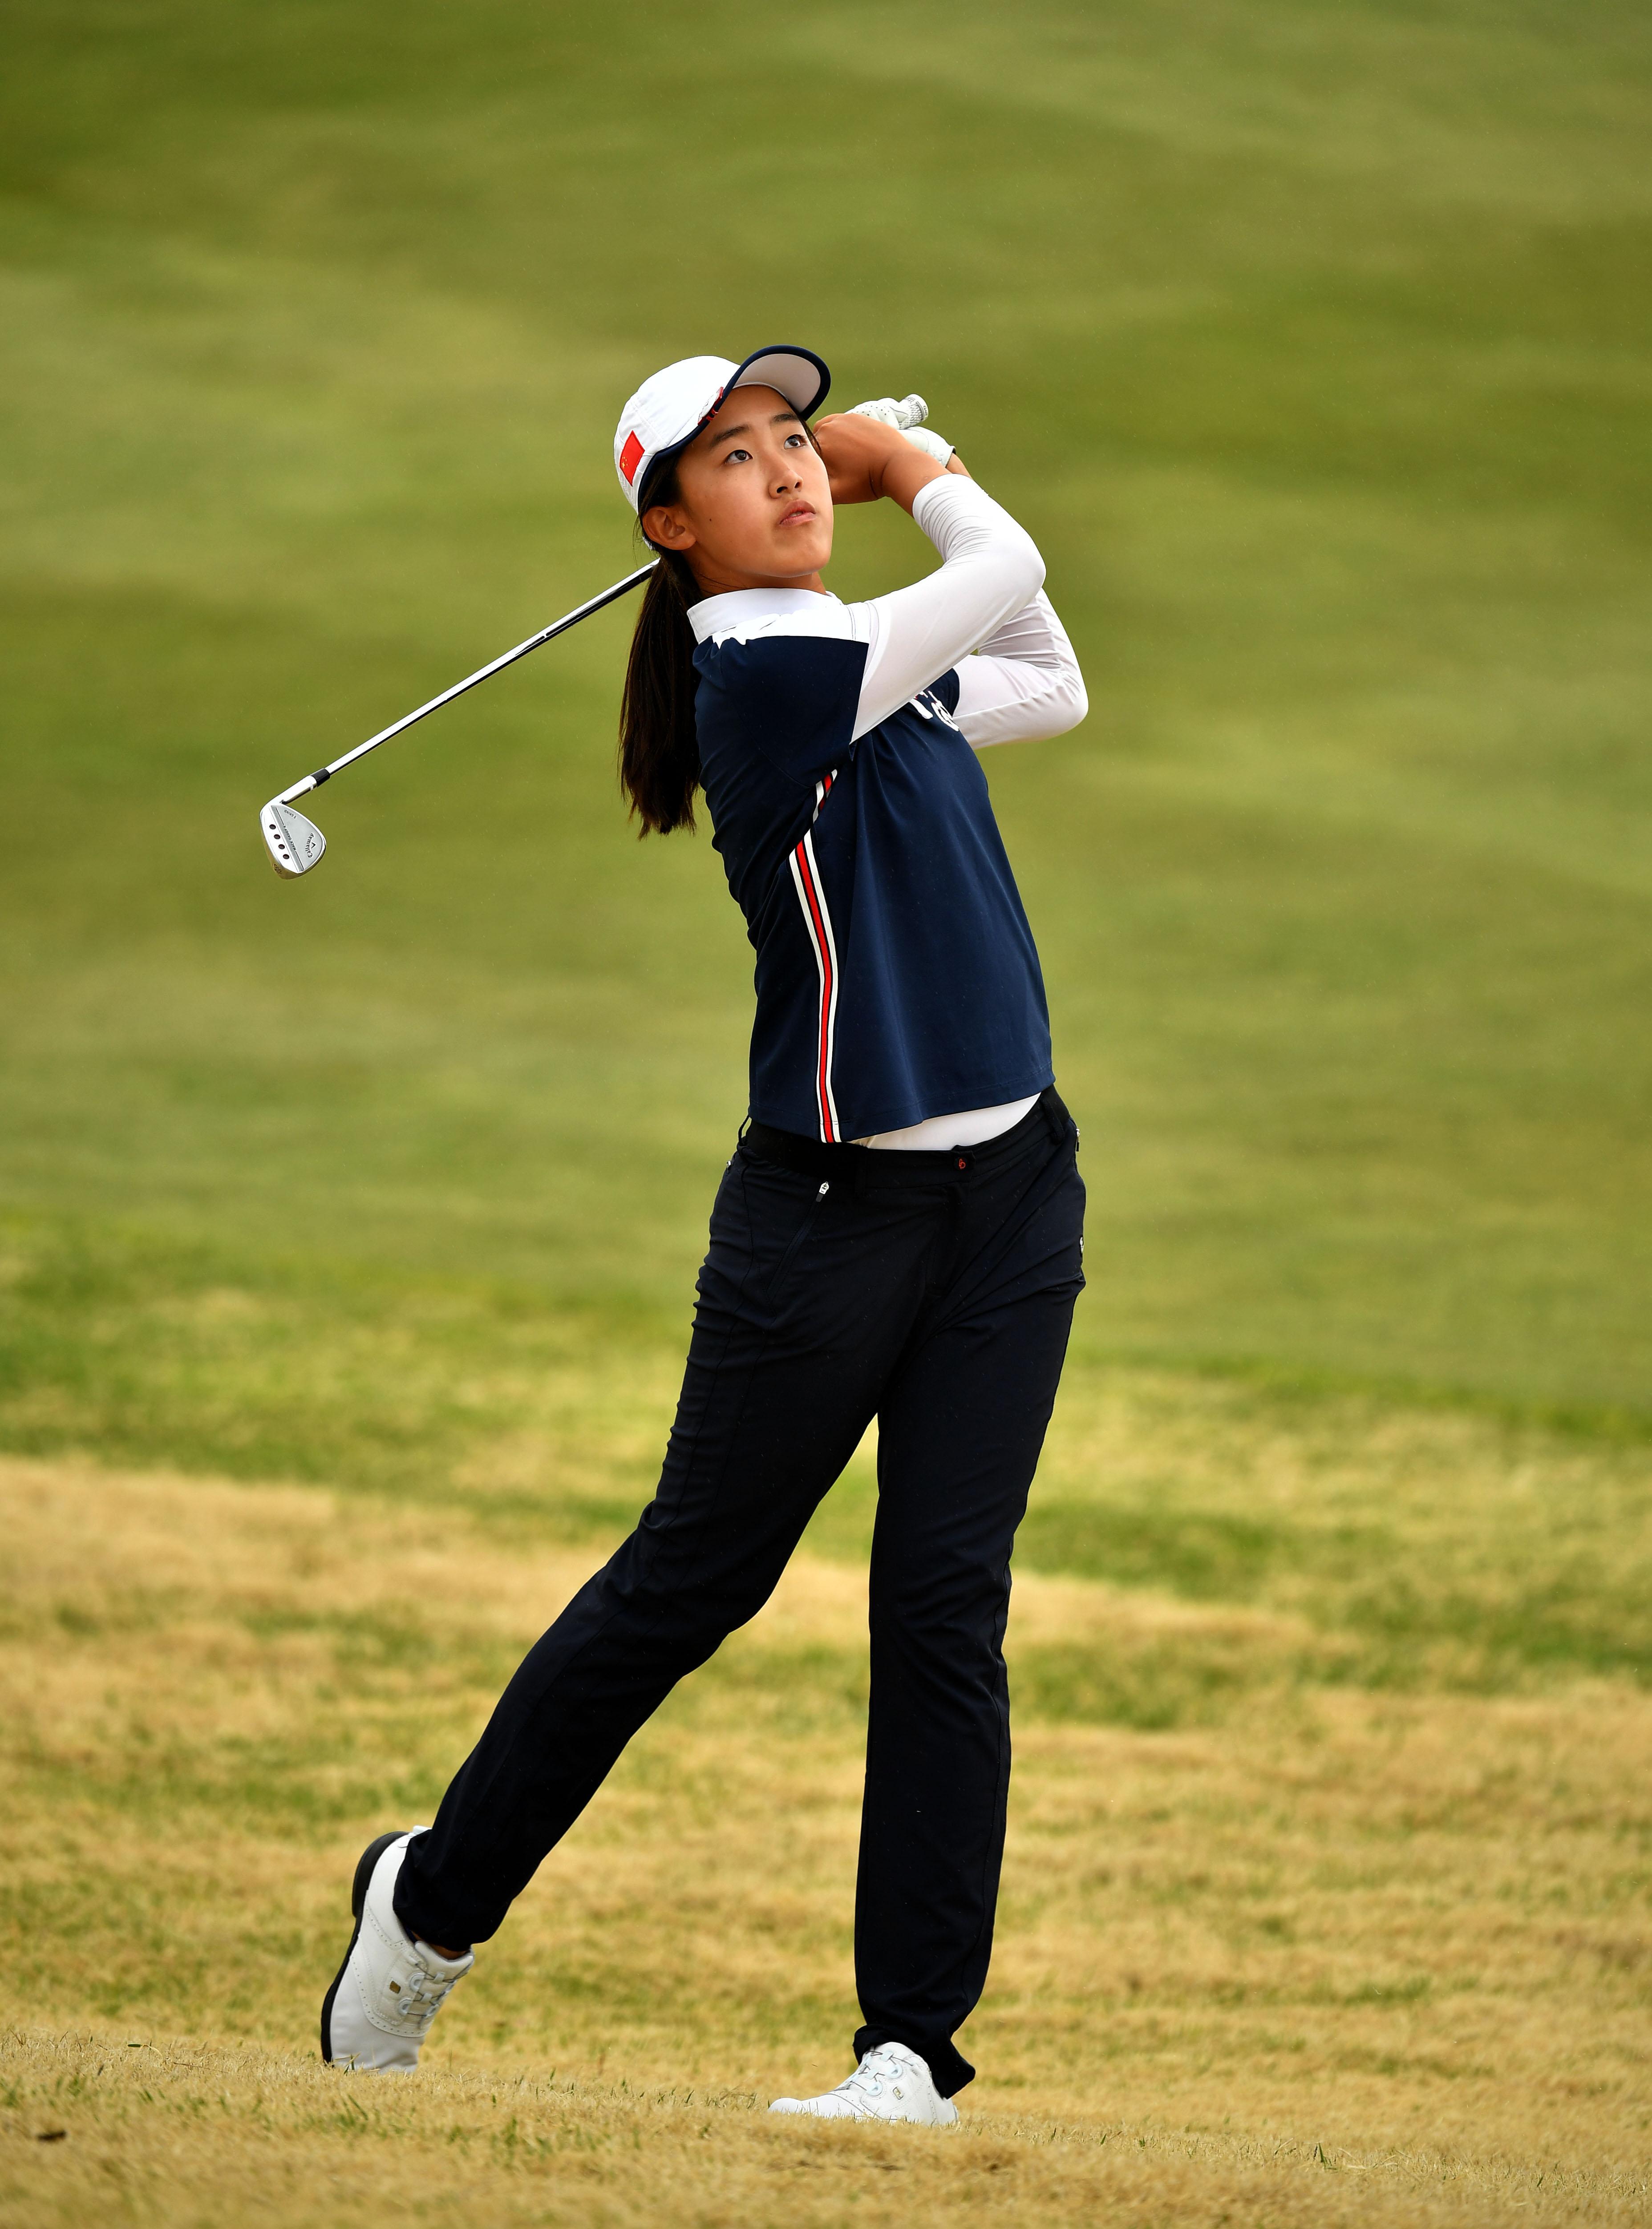 顶级球员认定阿布达比的 亚太女子业余锦标赛是重要的起点